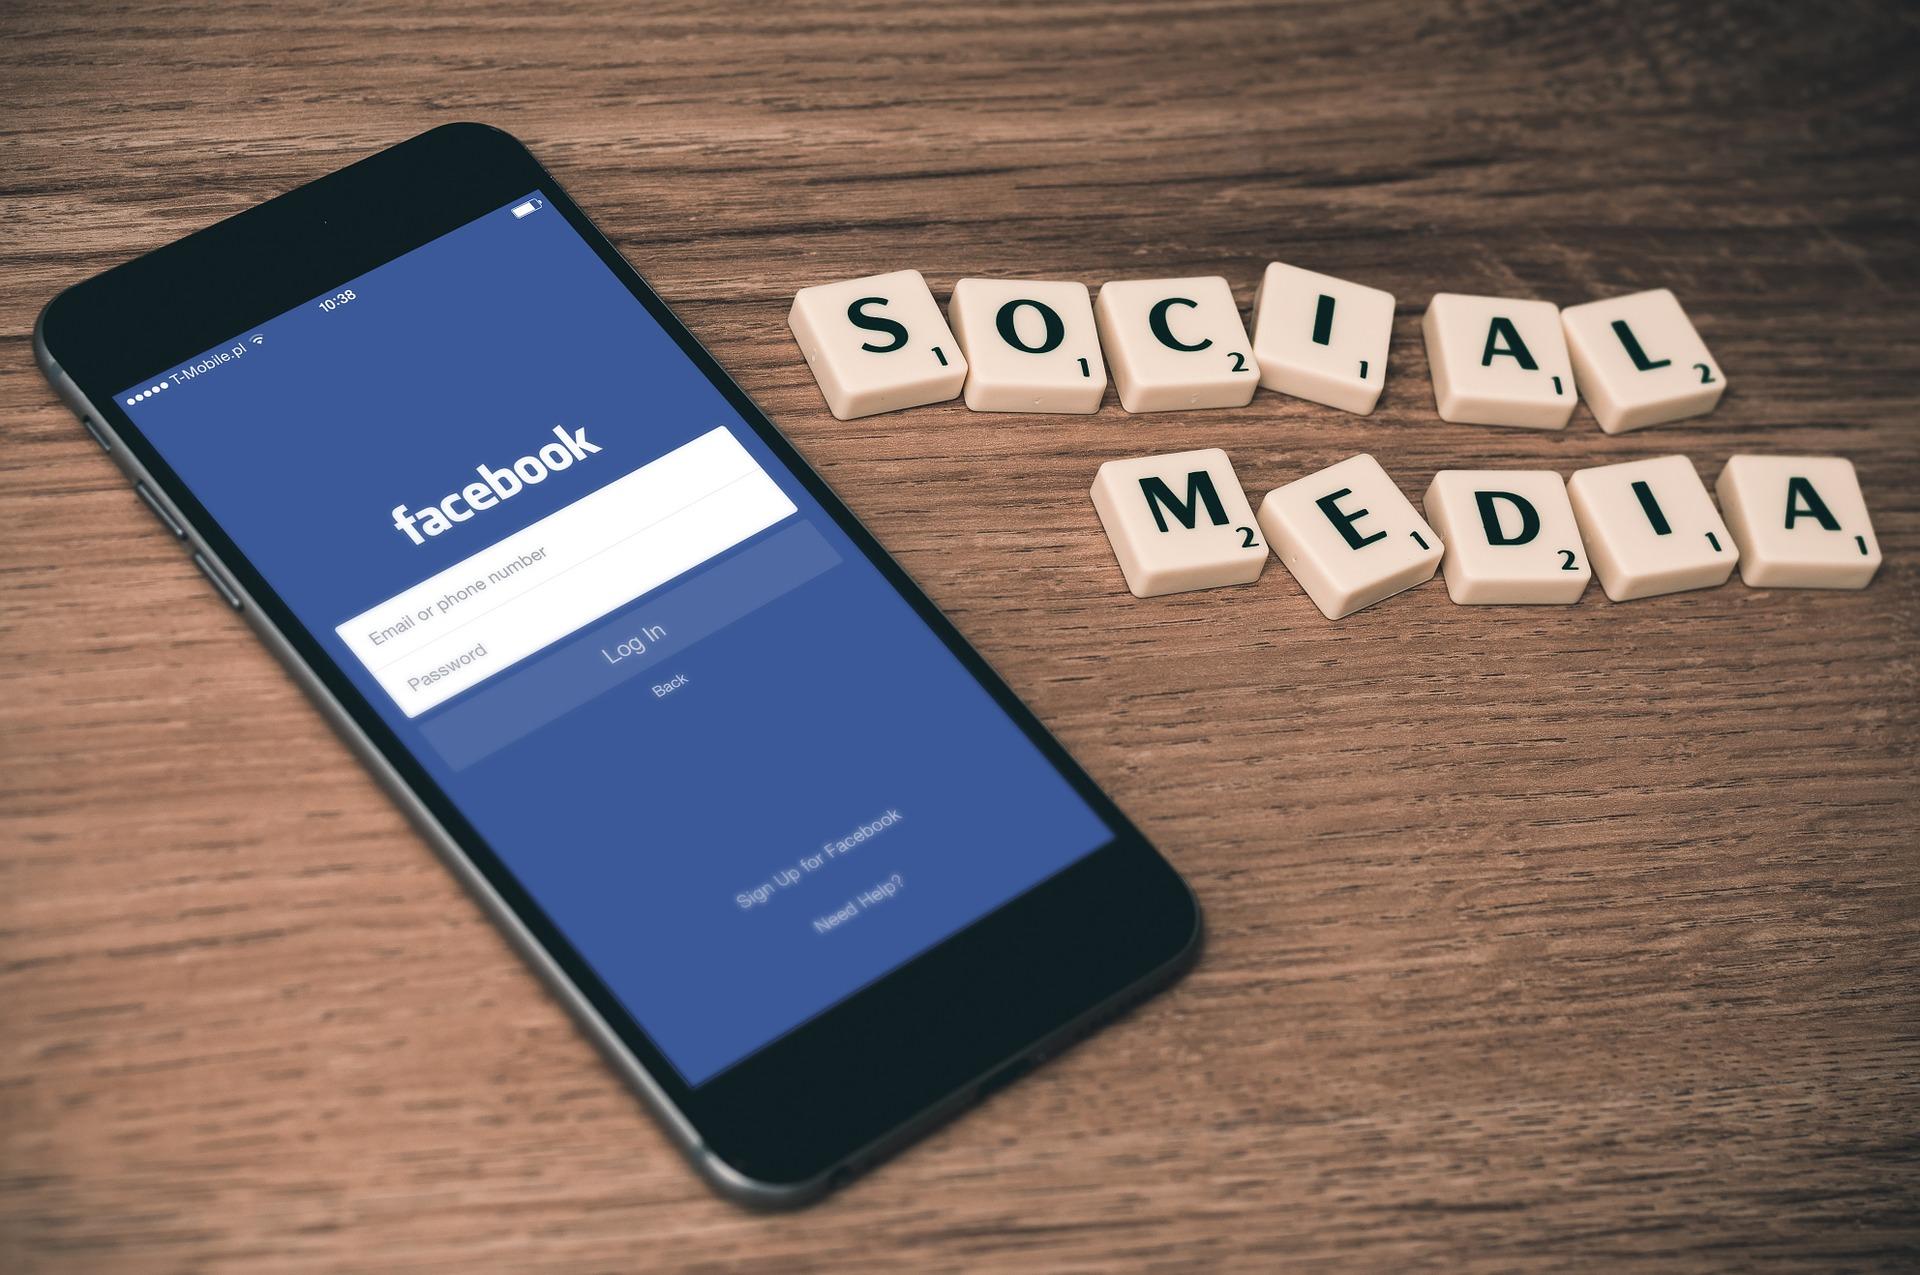 social-media-763731_1920